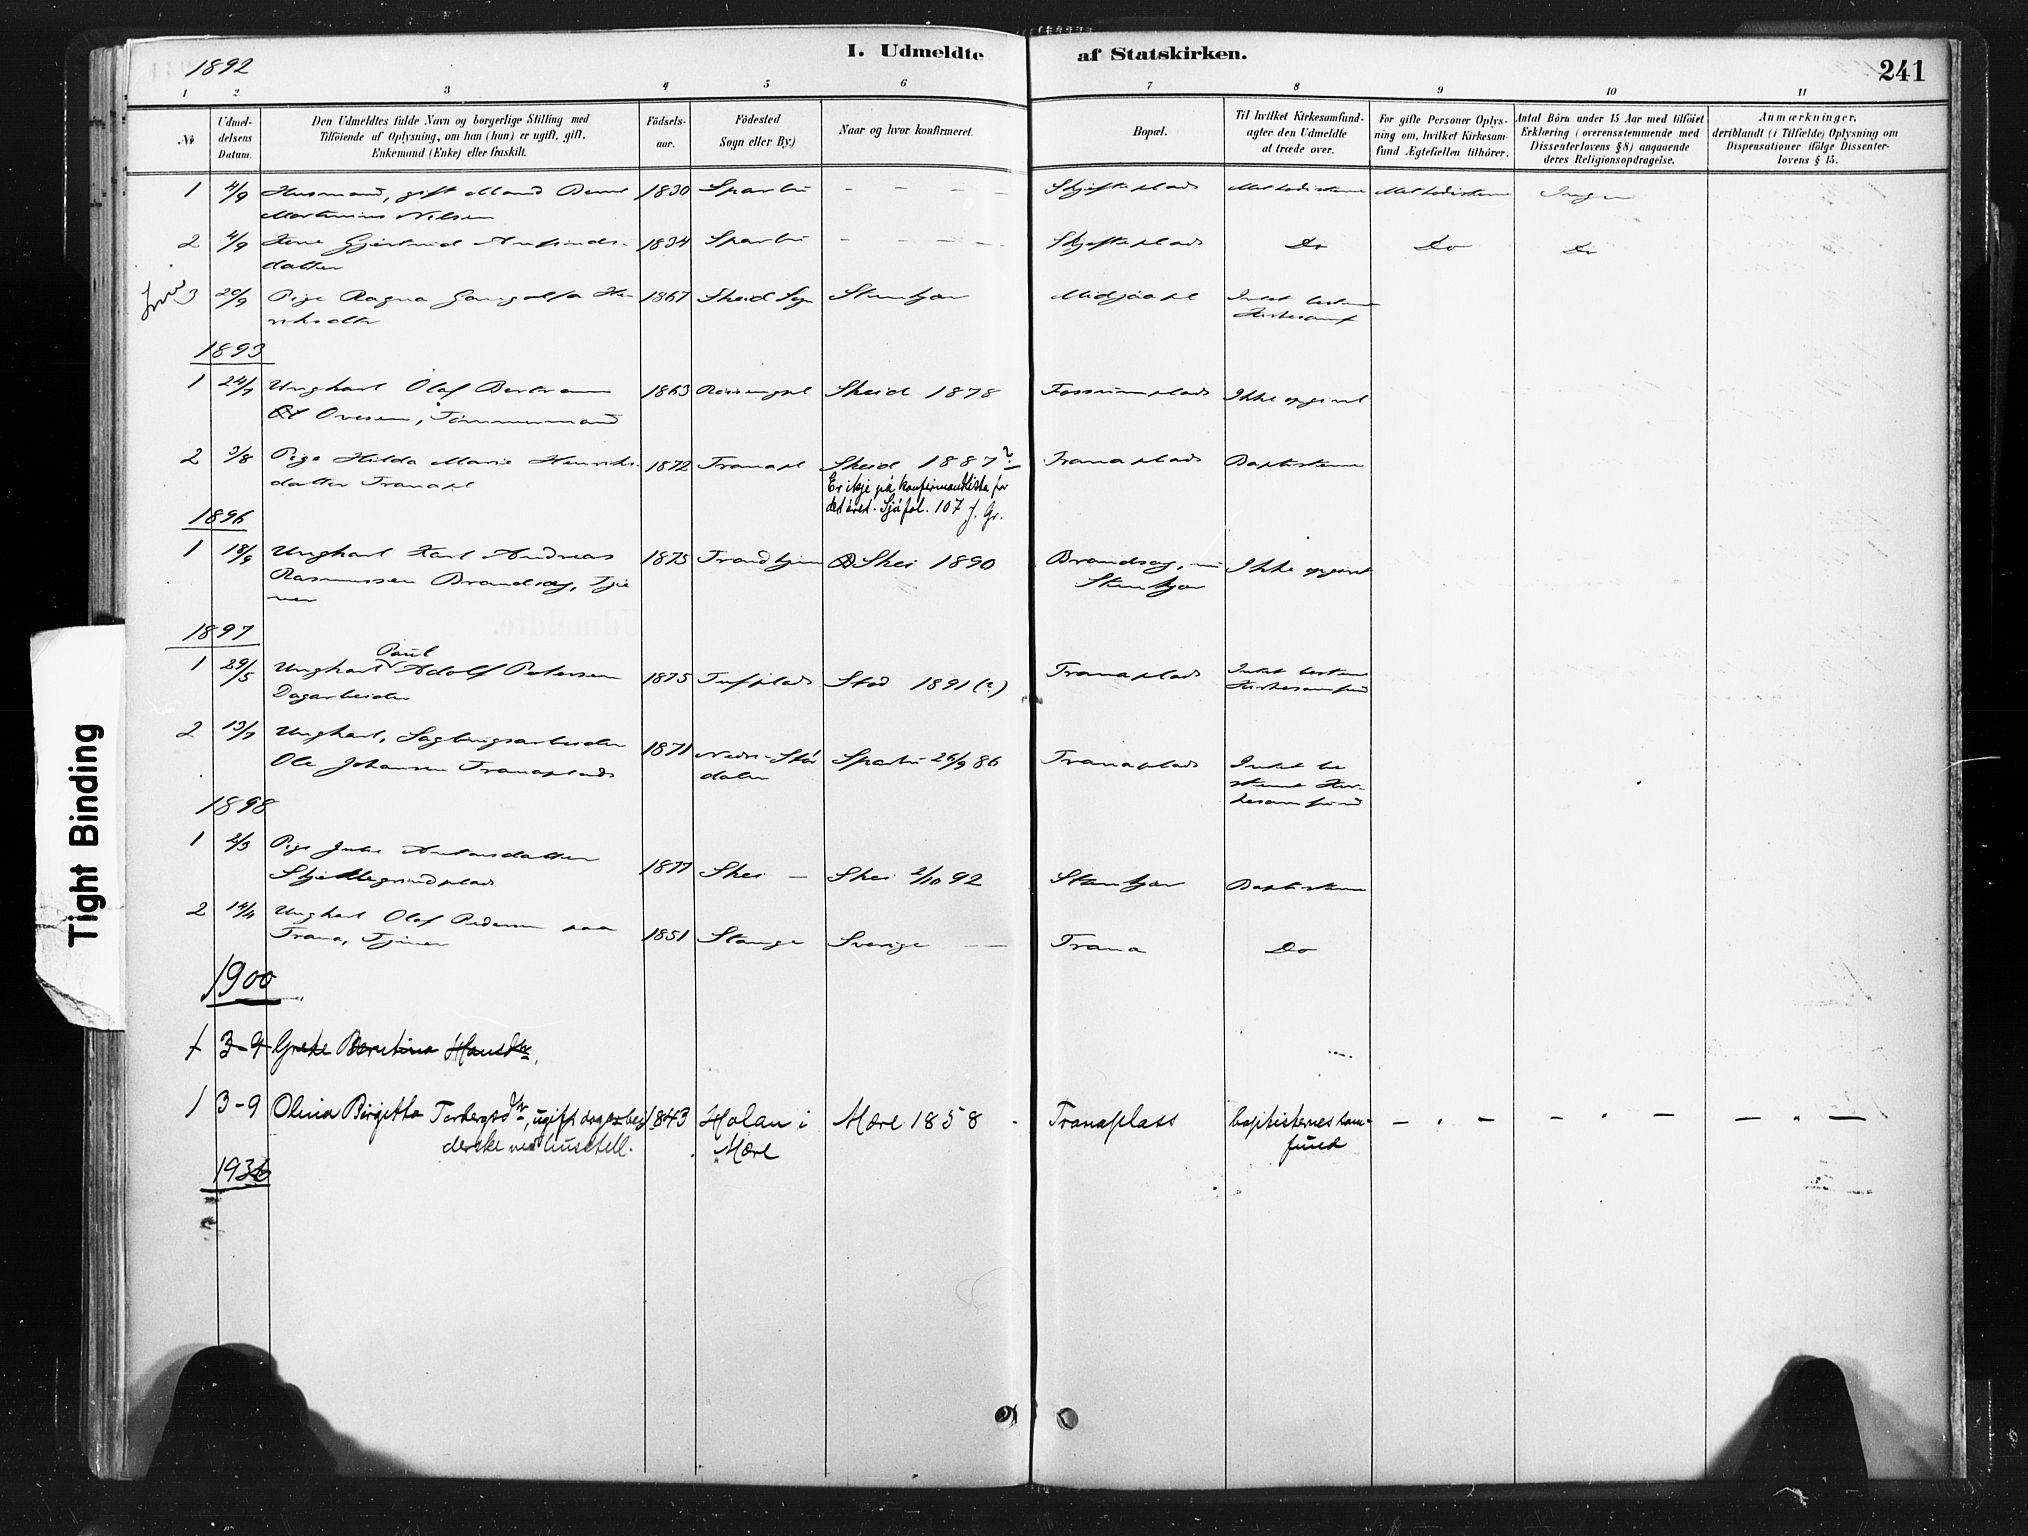 SAT, Ministerialprotokoller, klokkerbøker og fødselsregistre - Nord-Trøndelag, 736/L0361: Ministerialbok nr. 736A01, 1884-1906, s. 241